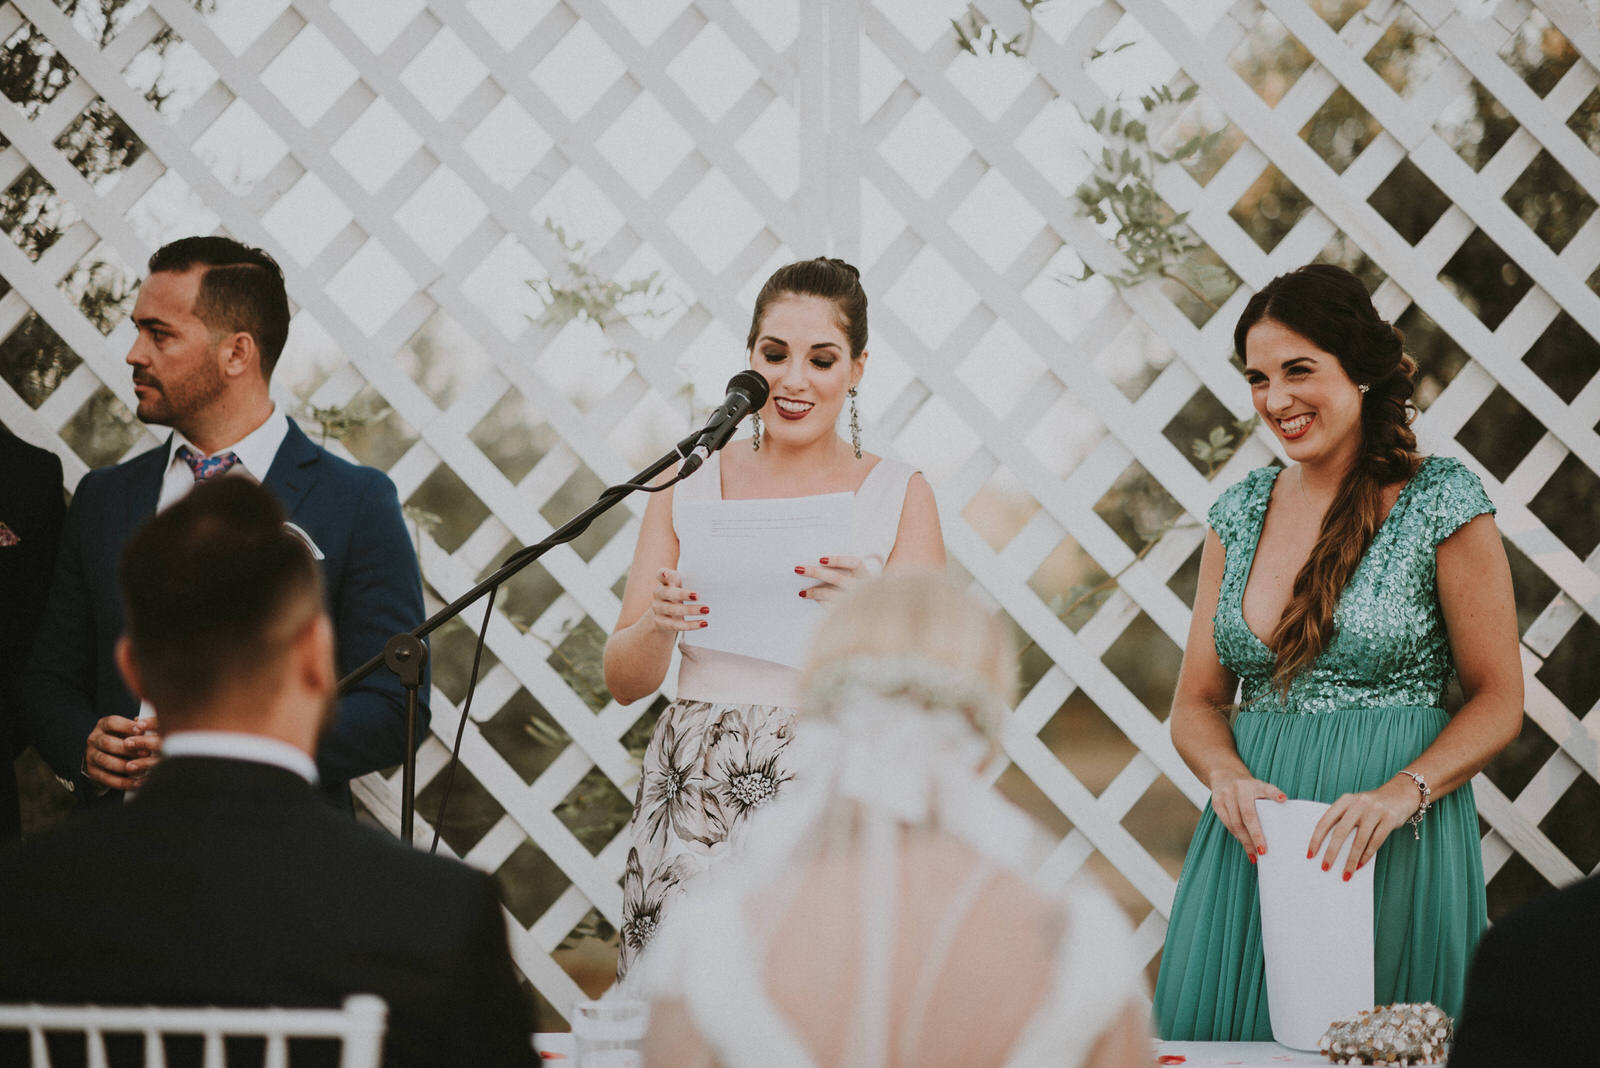 Fotografo de boda en Utrera- Hacienda Cerca de Aragon - María & Antonio - Andrés Amarillo (12).JPG